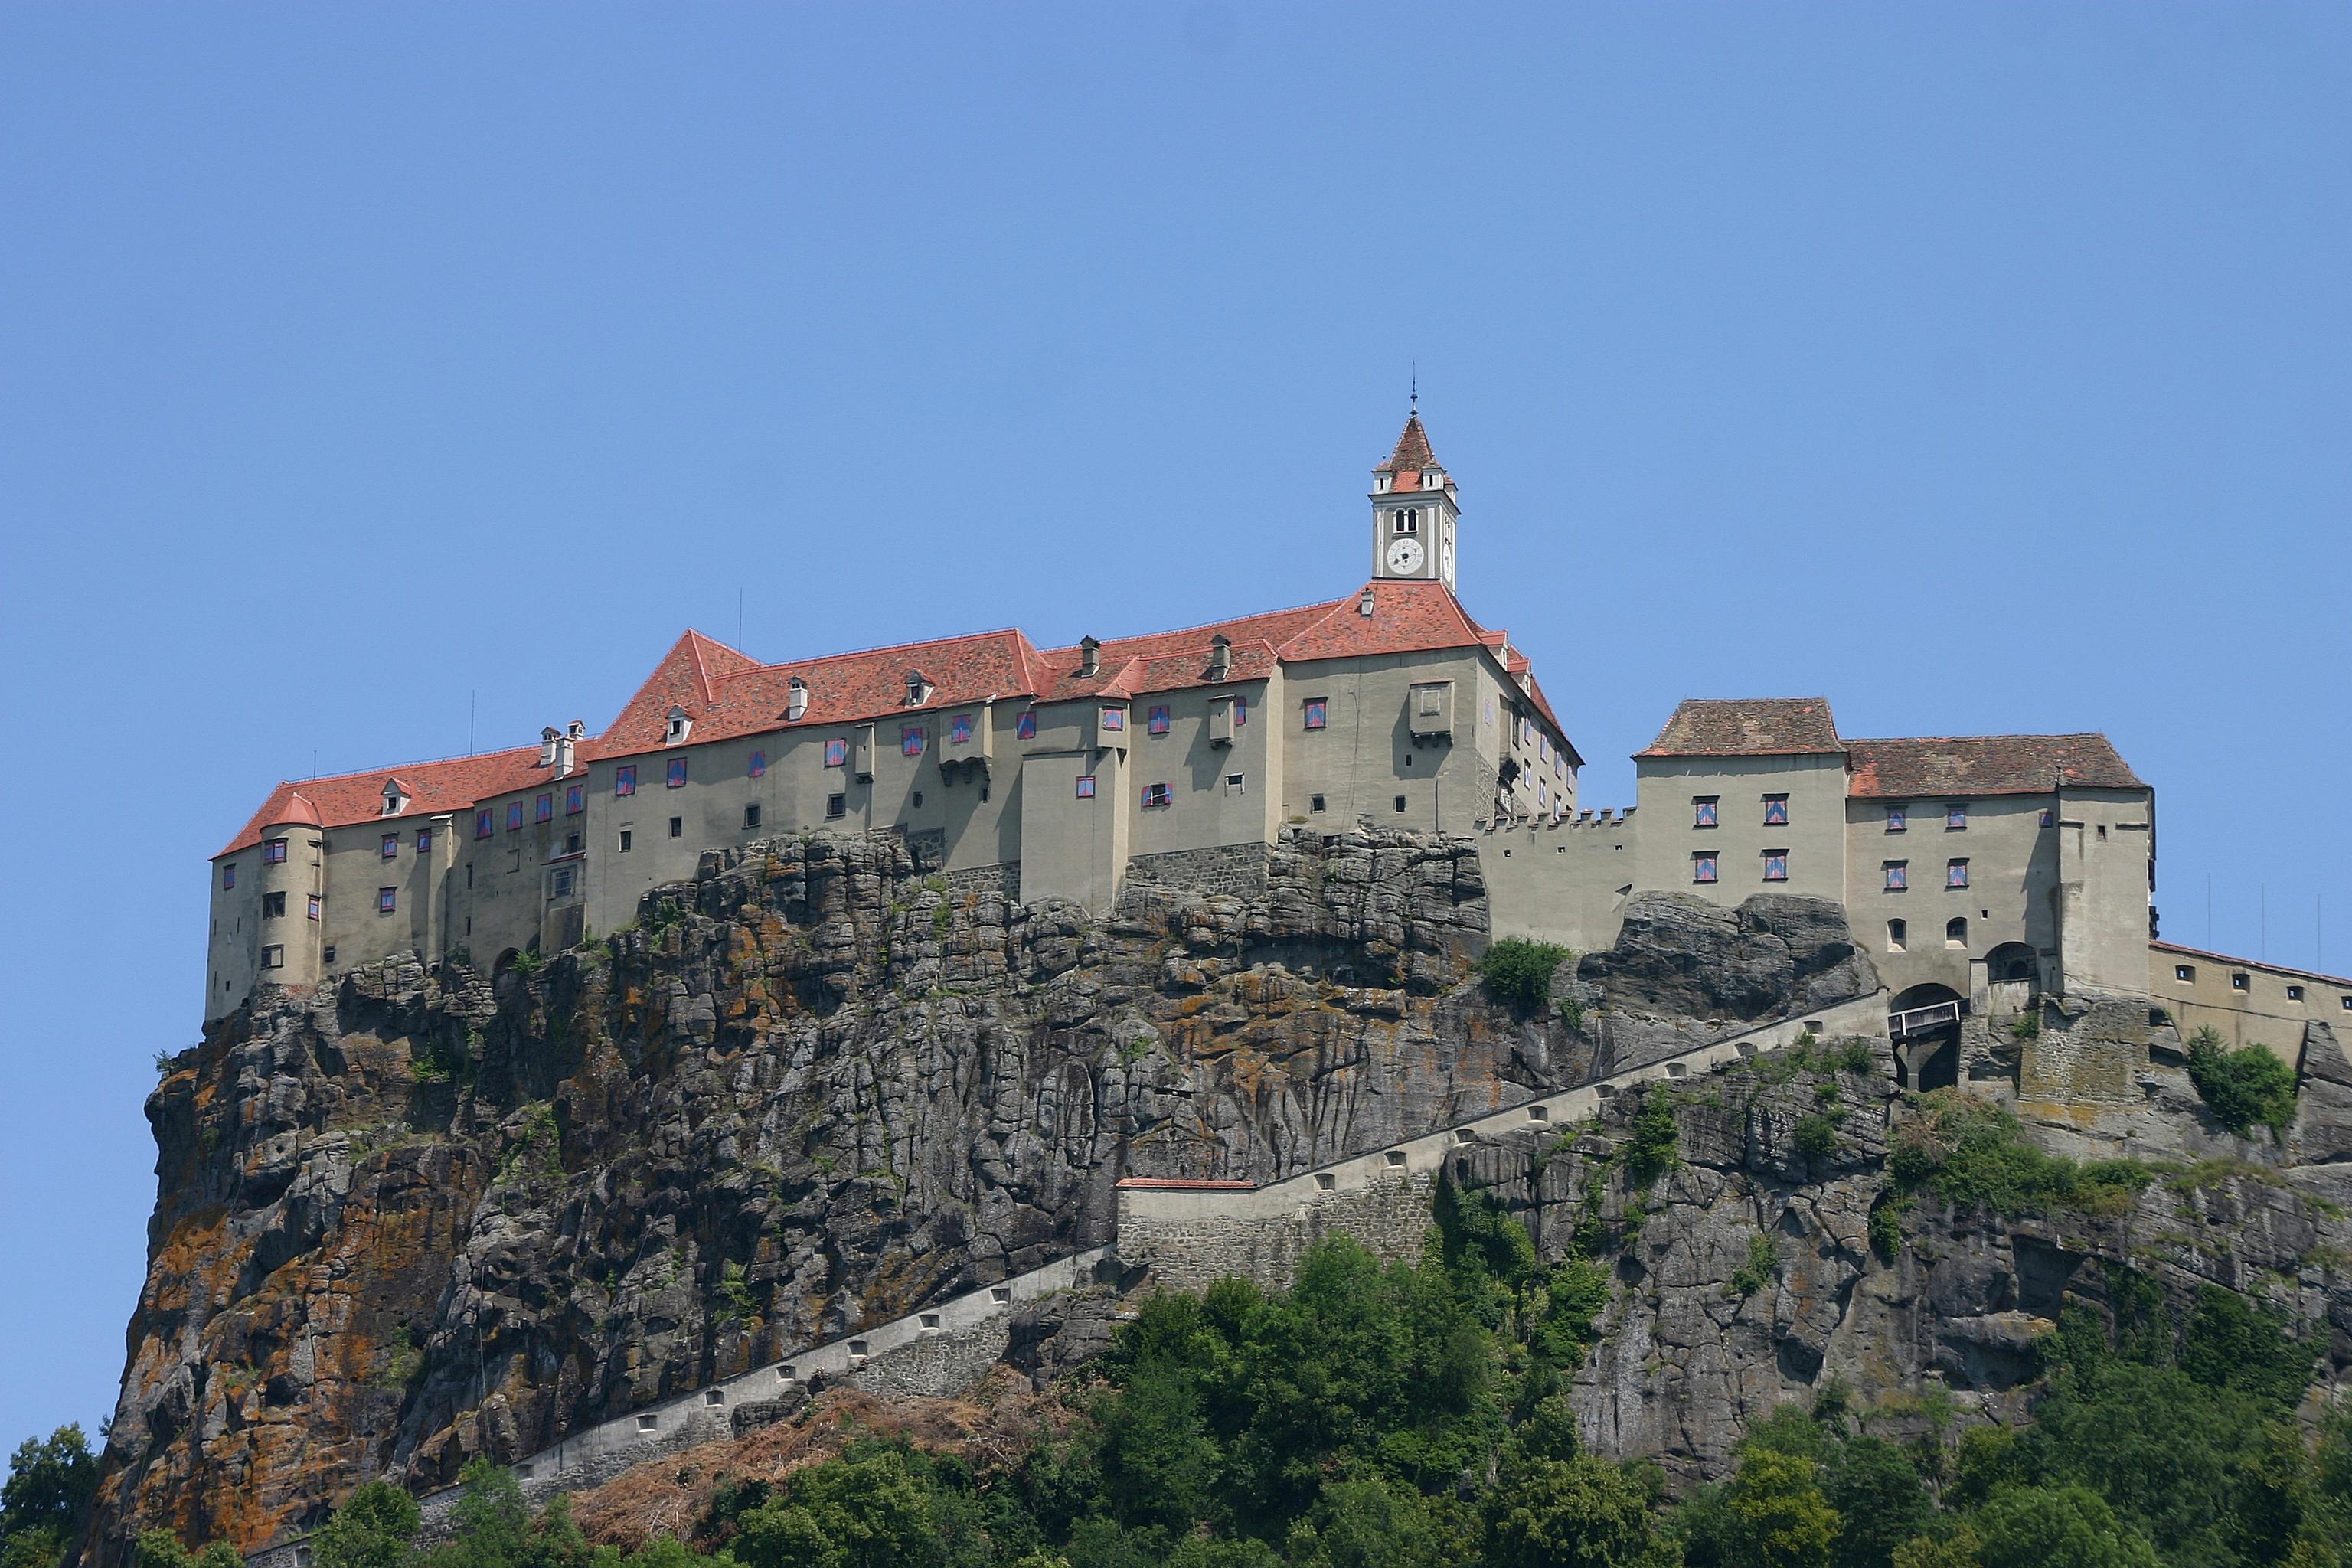 Klettersteig Burg : Riegersburg burg u wikipedia